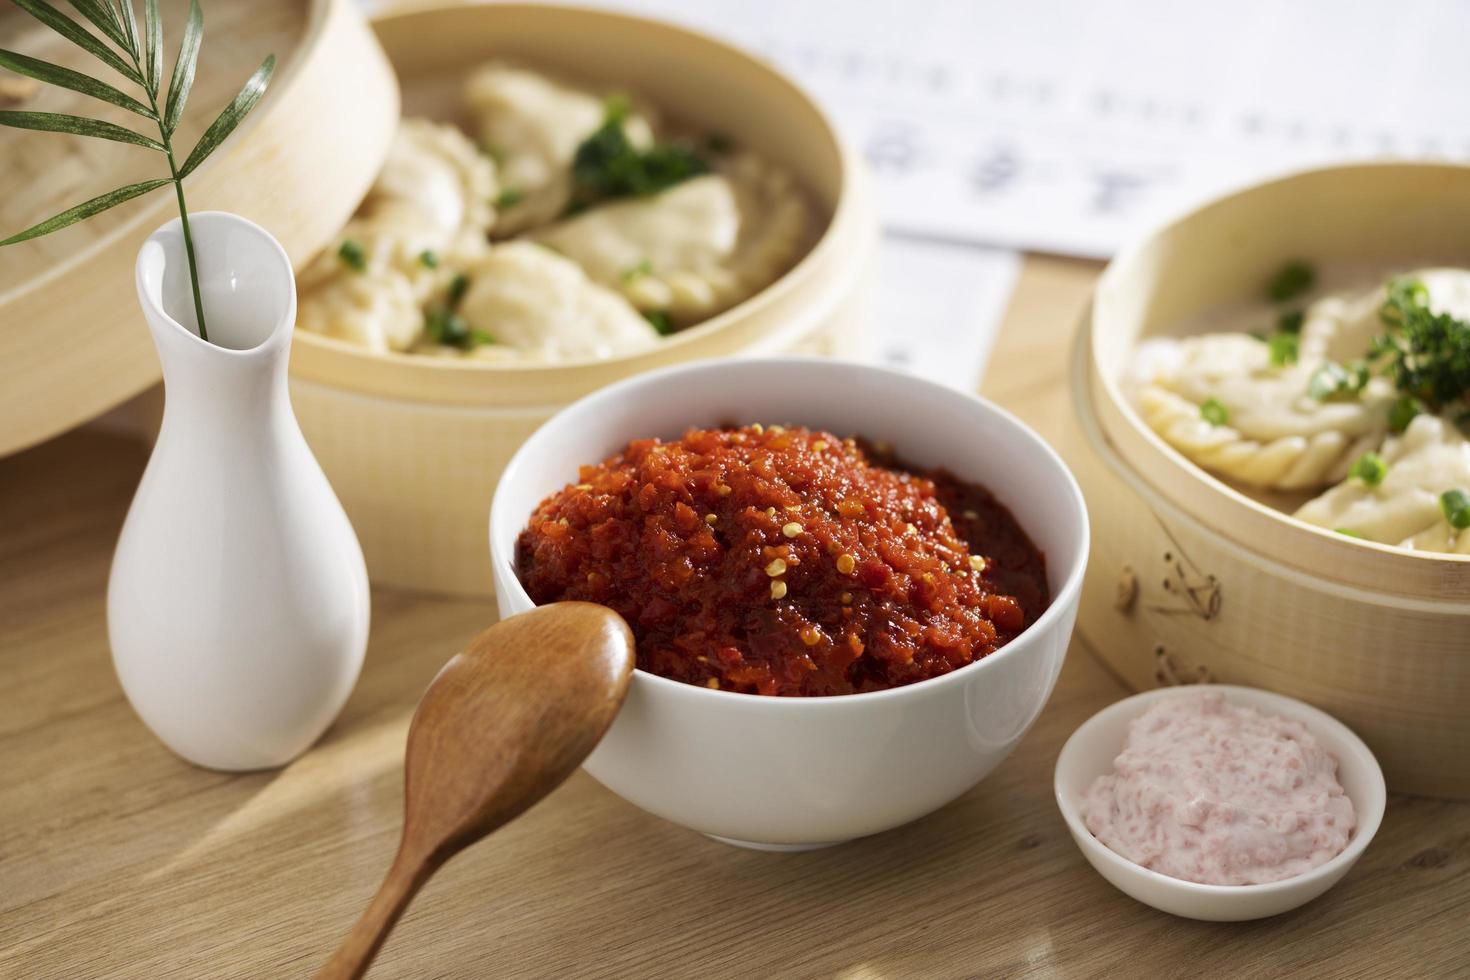 de voedzame maaltijd met sambal arrangement foto